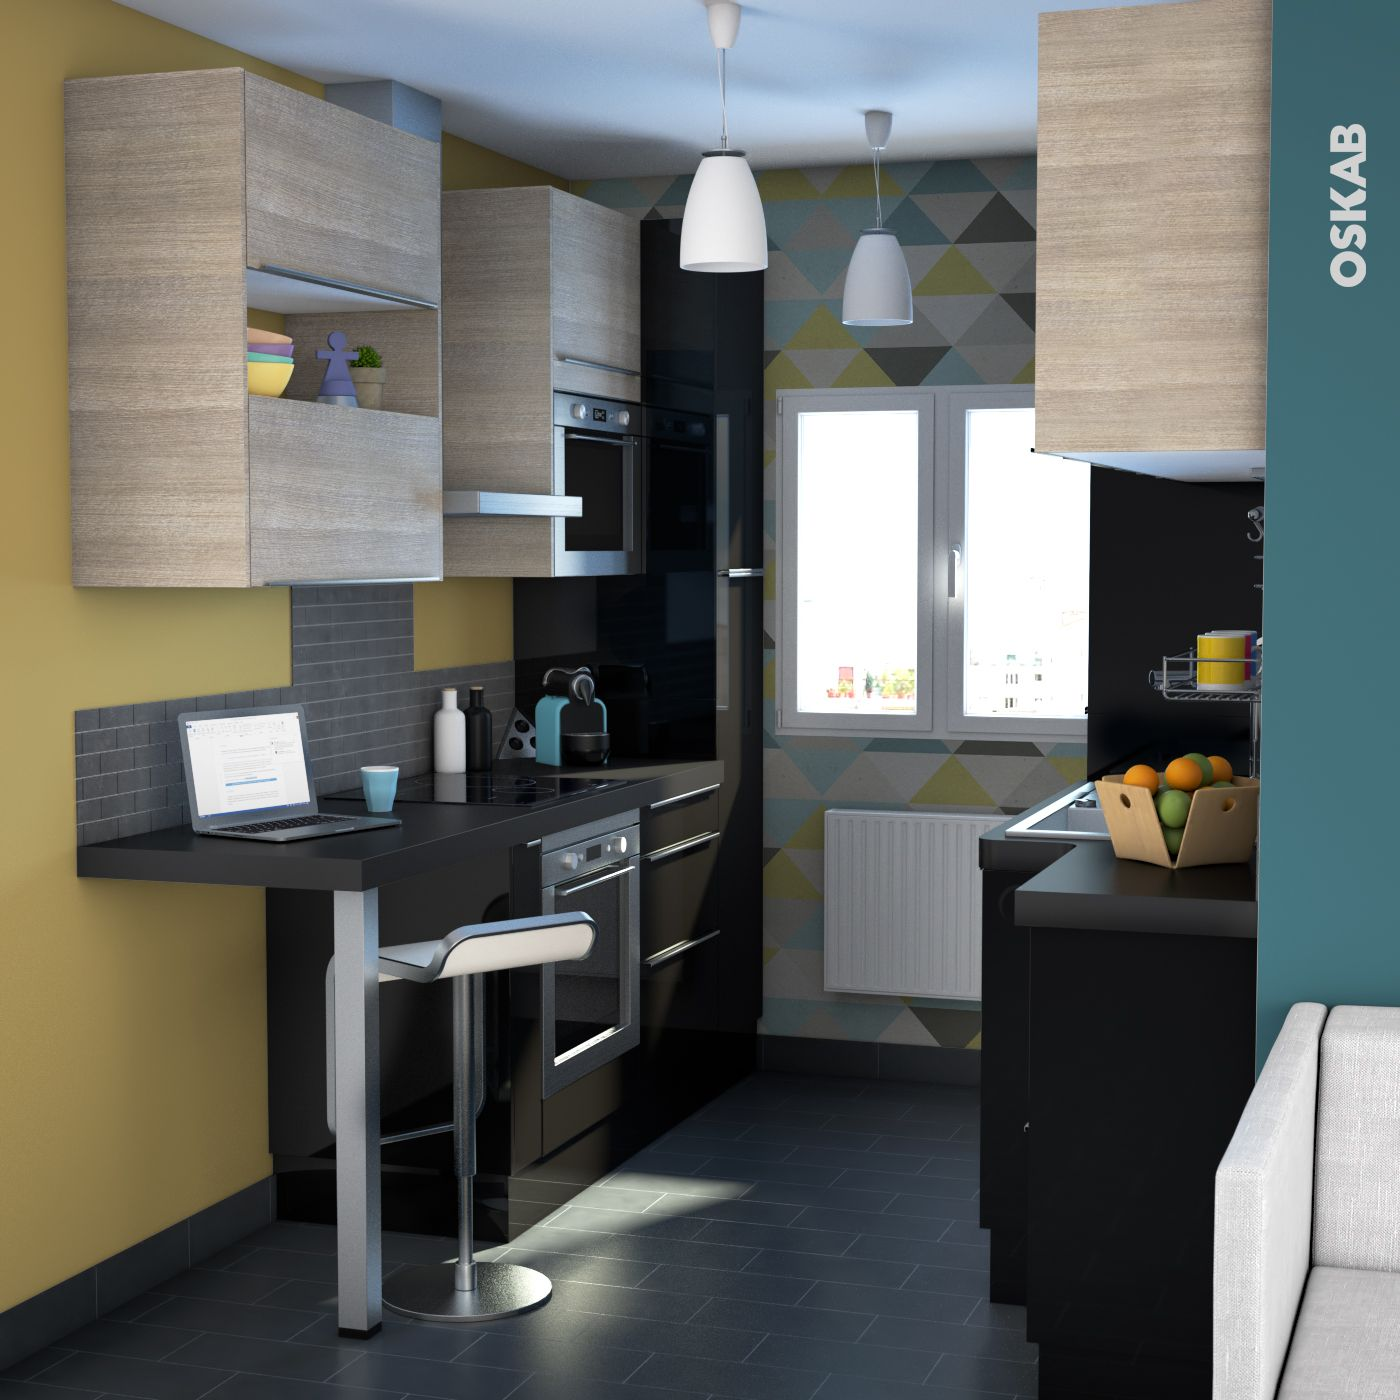 cuisine noire et bois ouverte ambiance tendance graphique. Black Bedroom Furniture Sets. Home Design Ideas